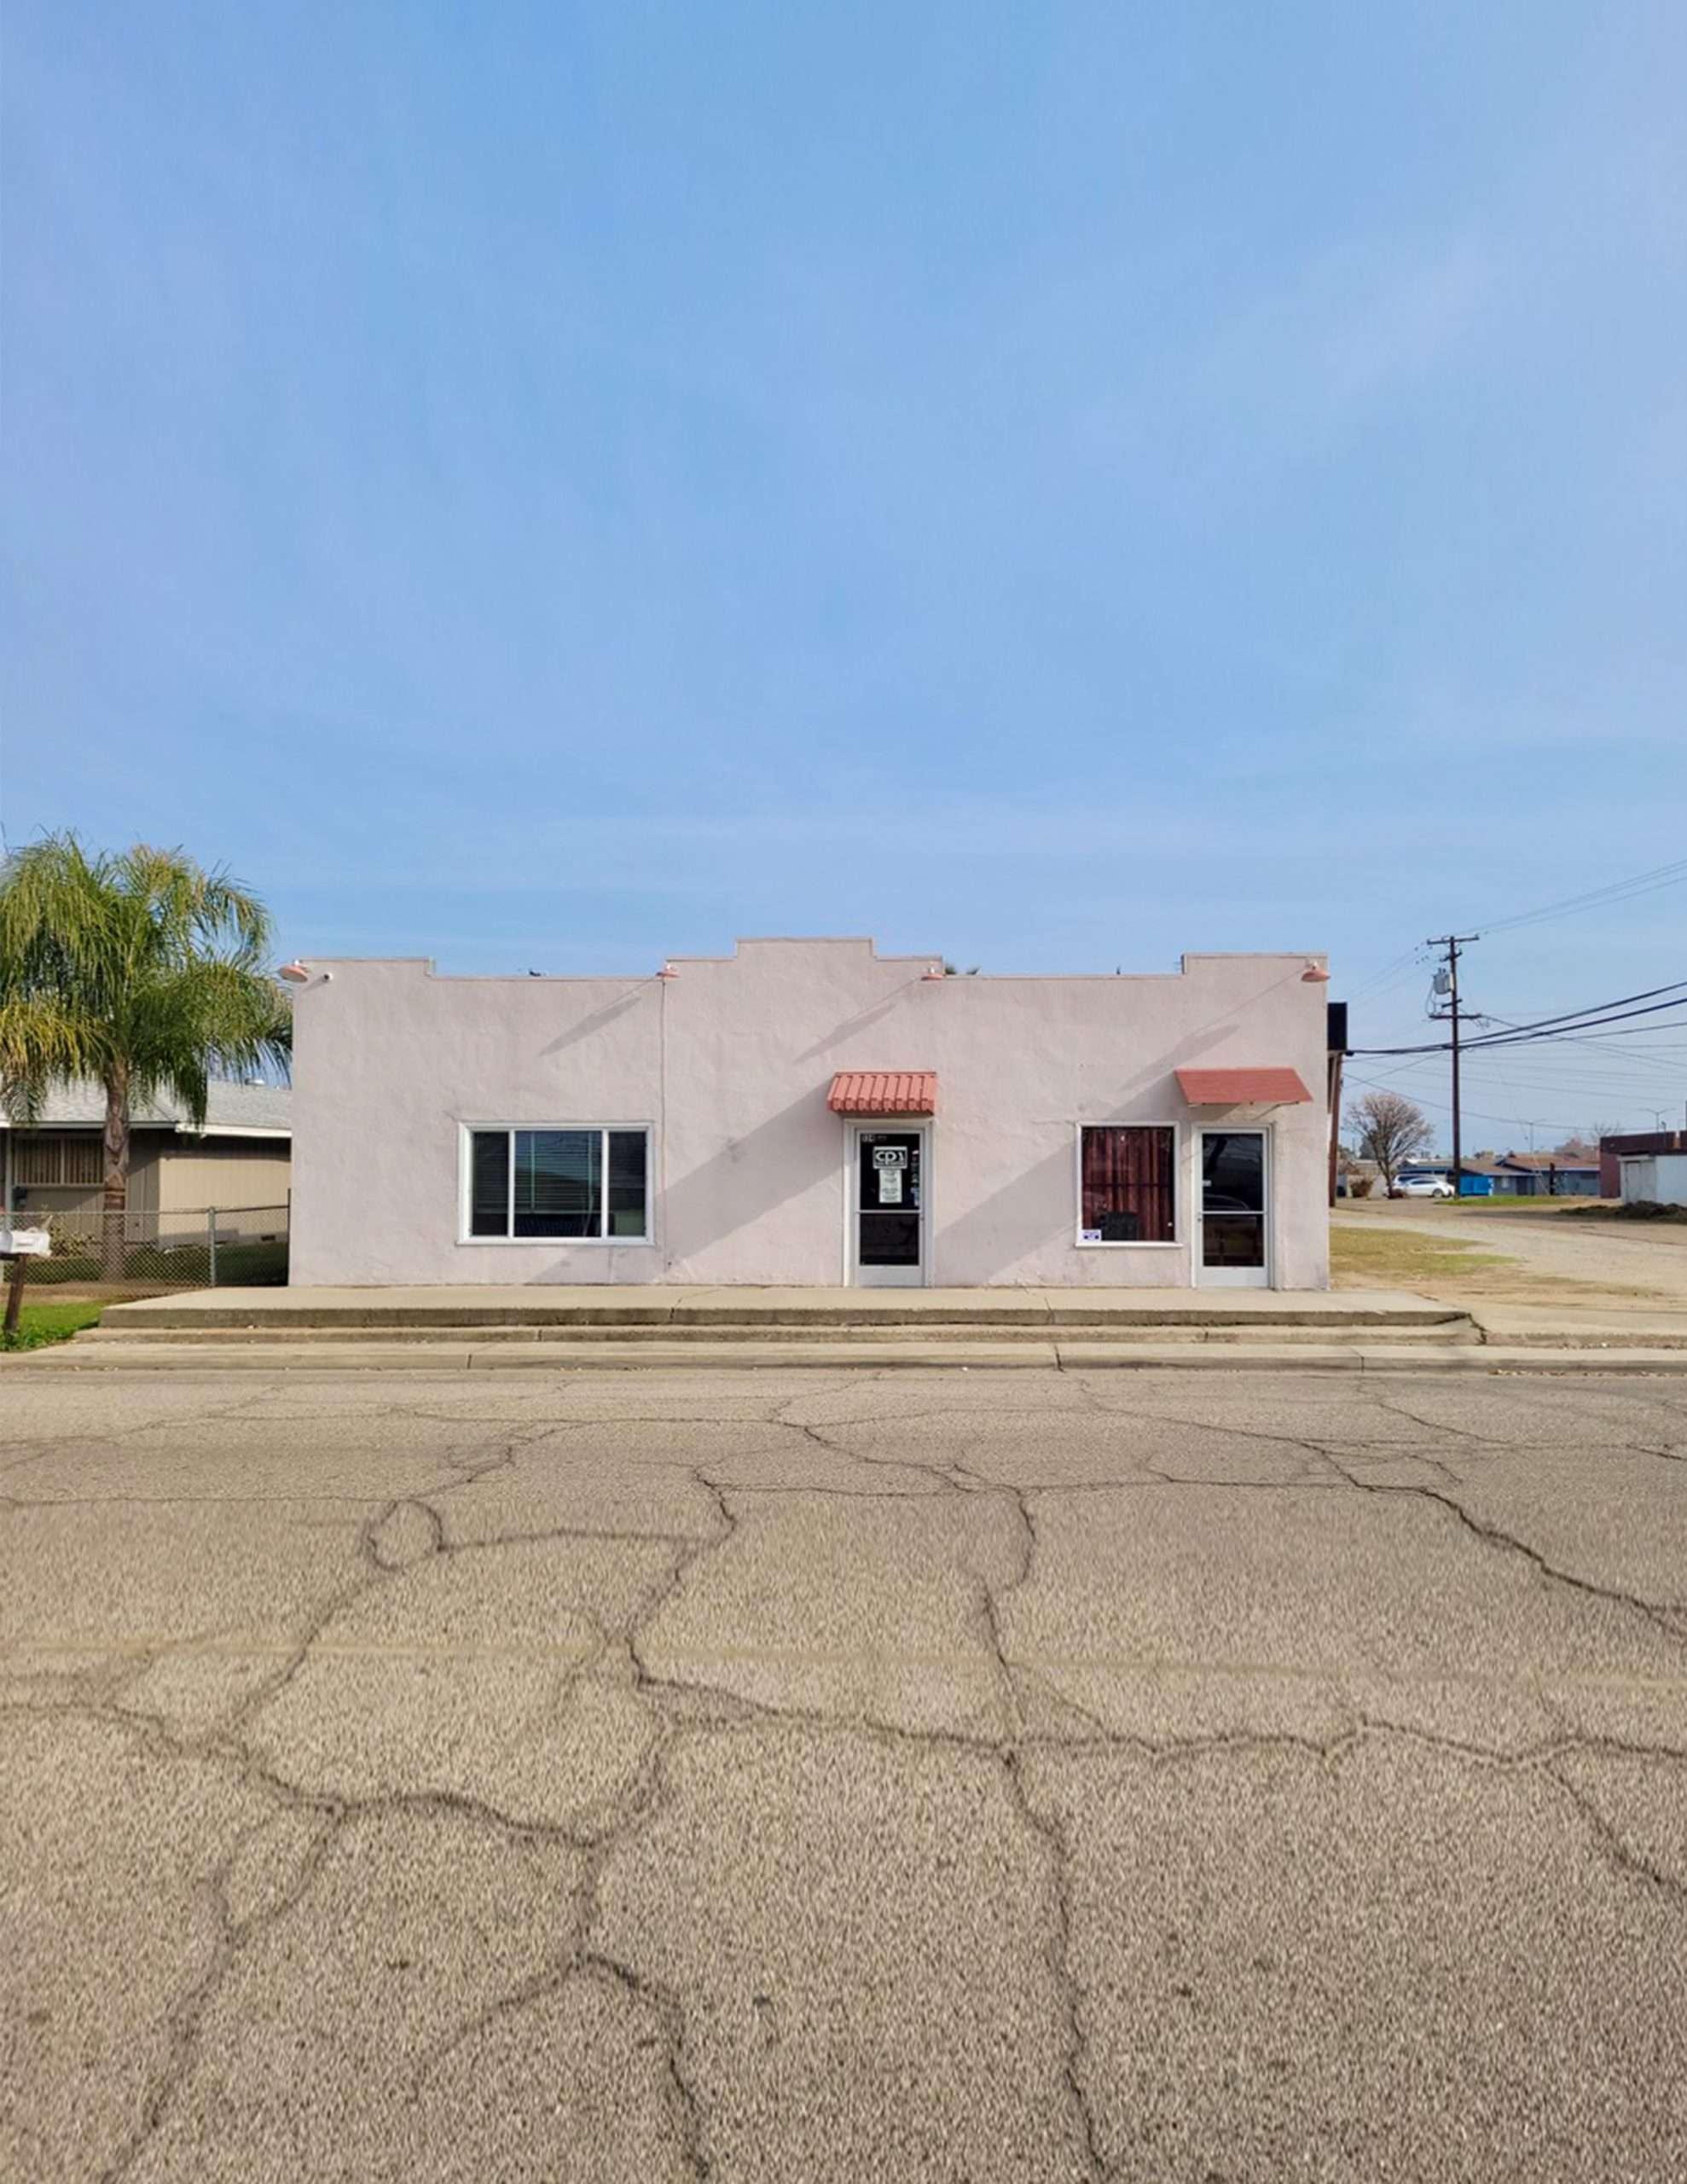 Retail / Office Building – Orange Cove, CA